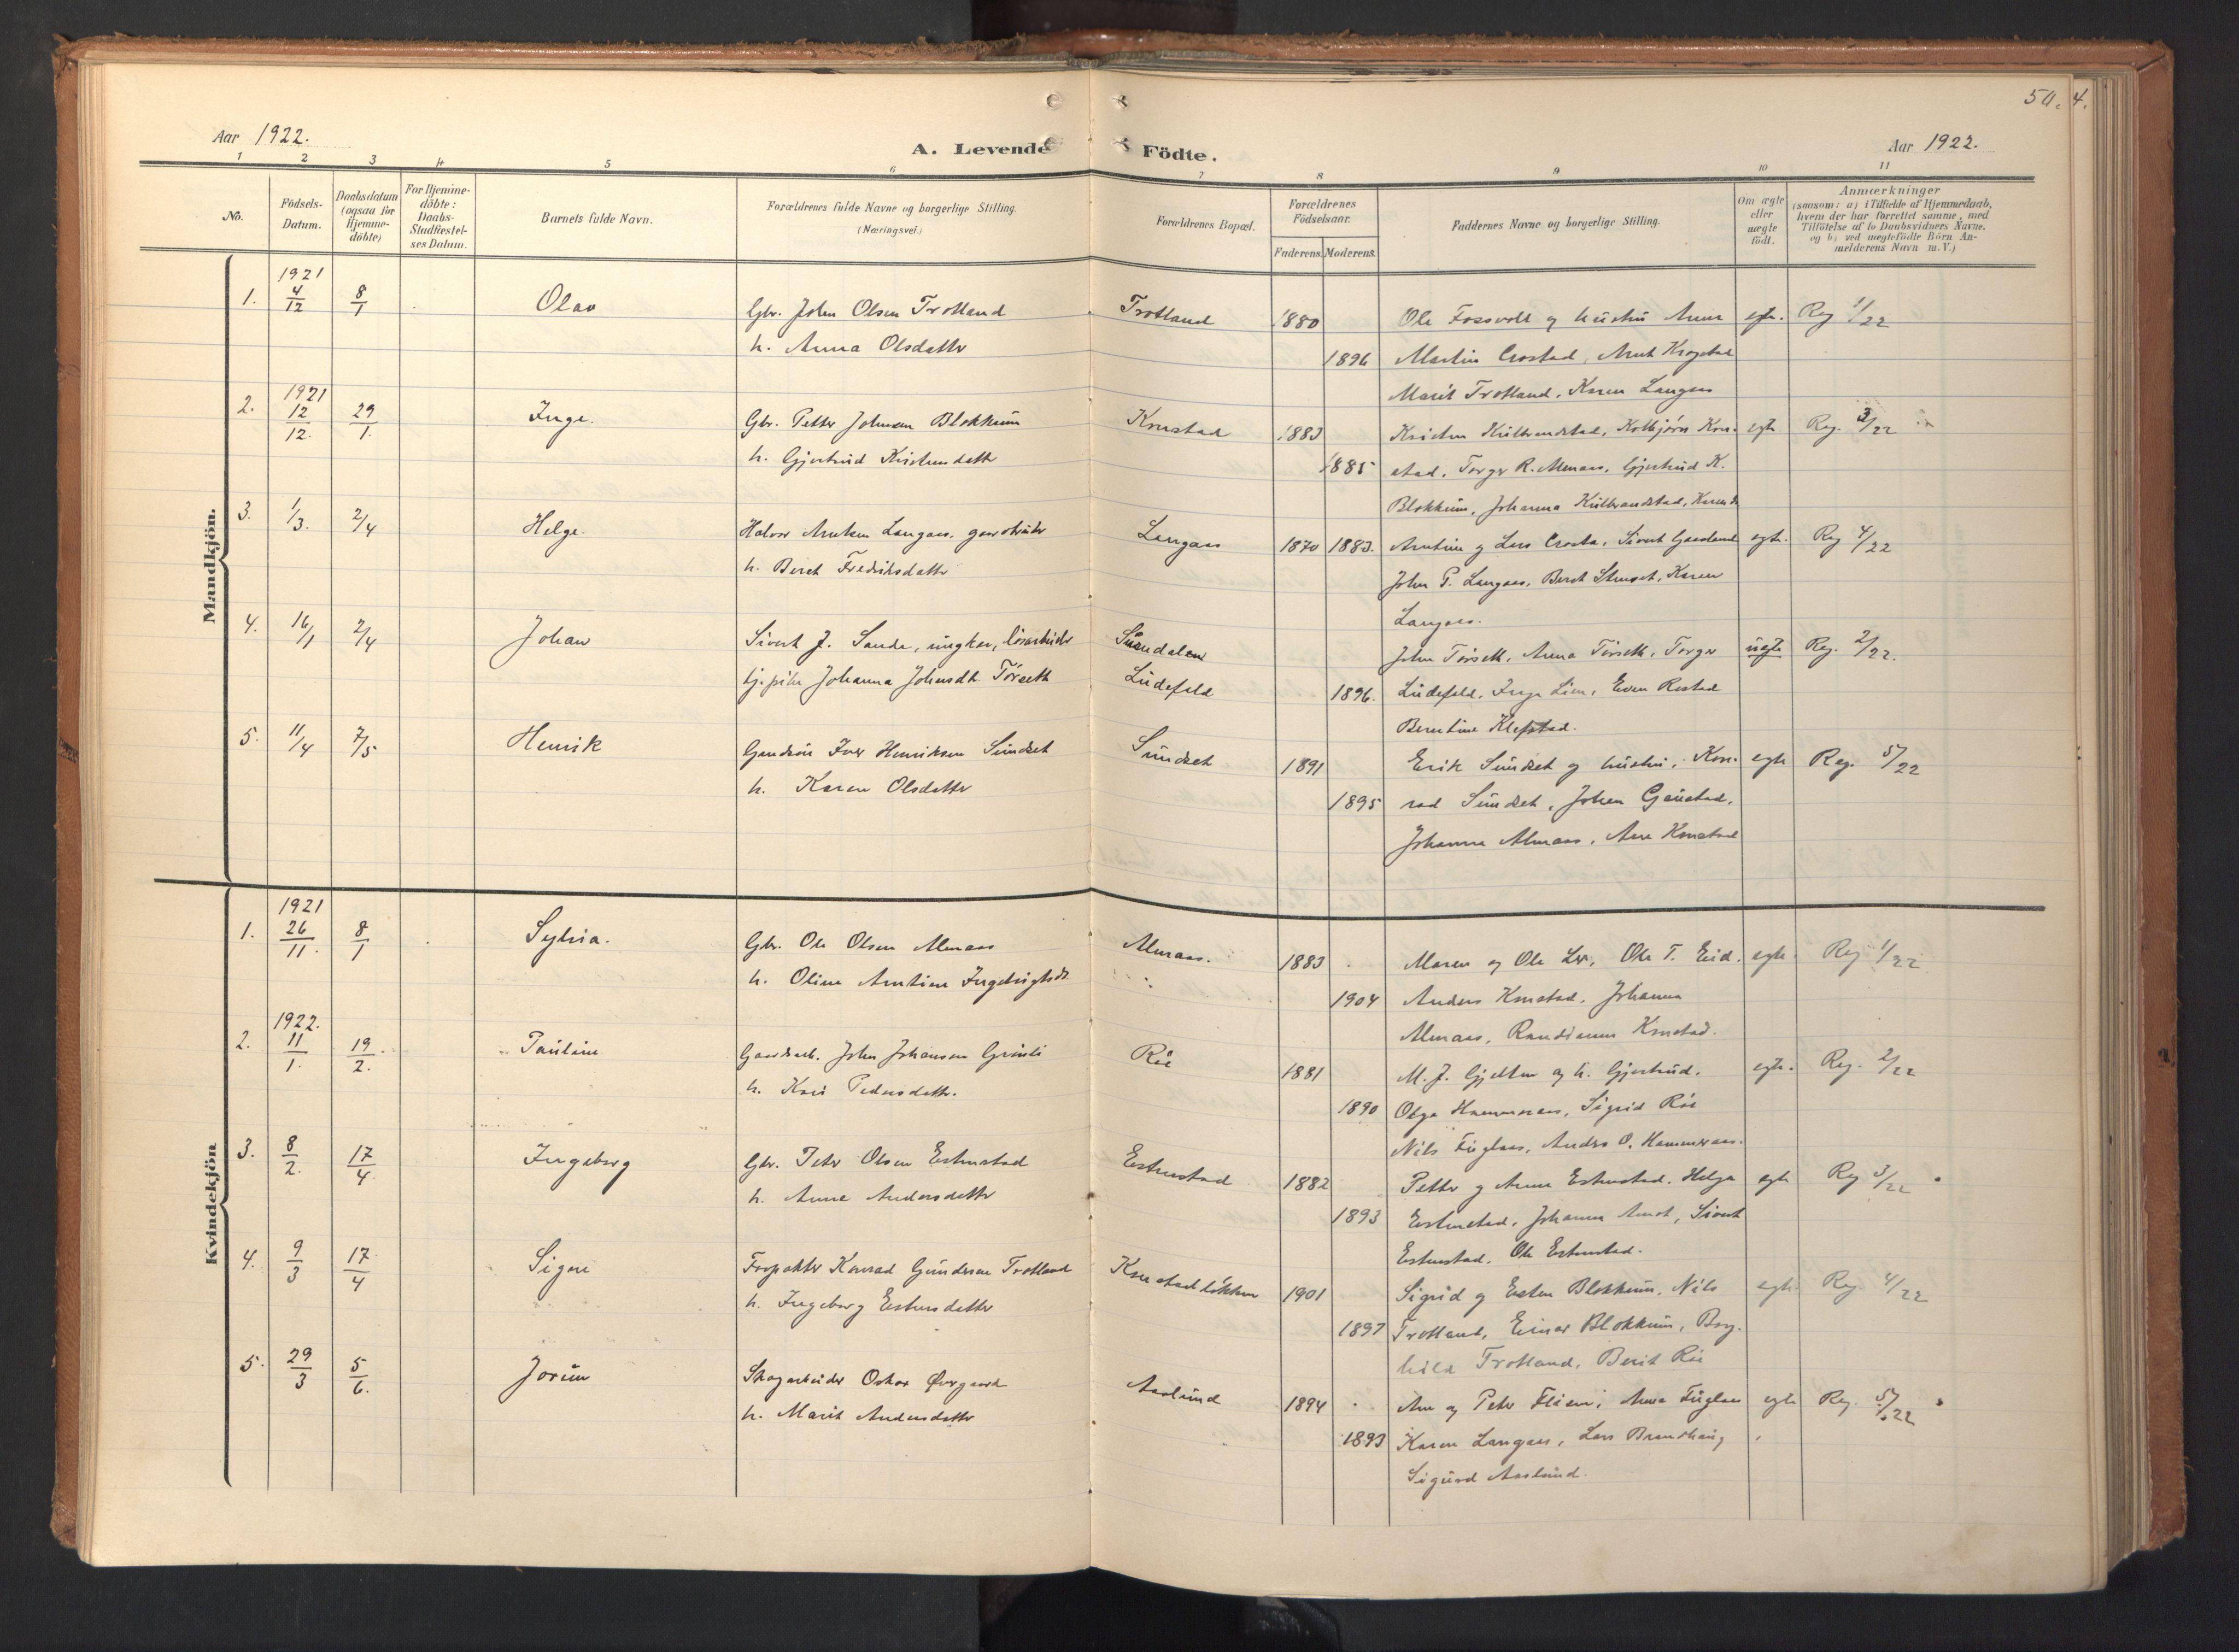 SAT, Ministerialprotokoller, klokkerbøker og fødselsregistre - Sør-Trøndelag, 694/L1128: Ministerialbok nr. 694A02, 1906-1931, s. 50